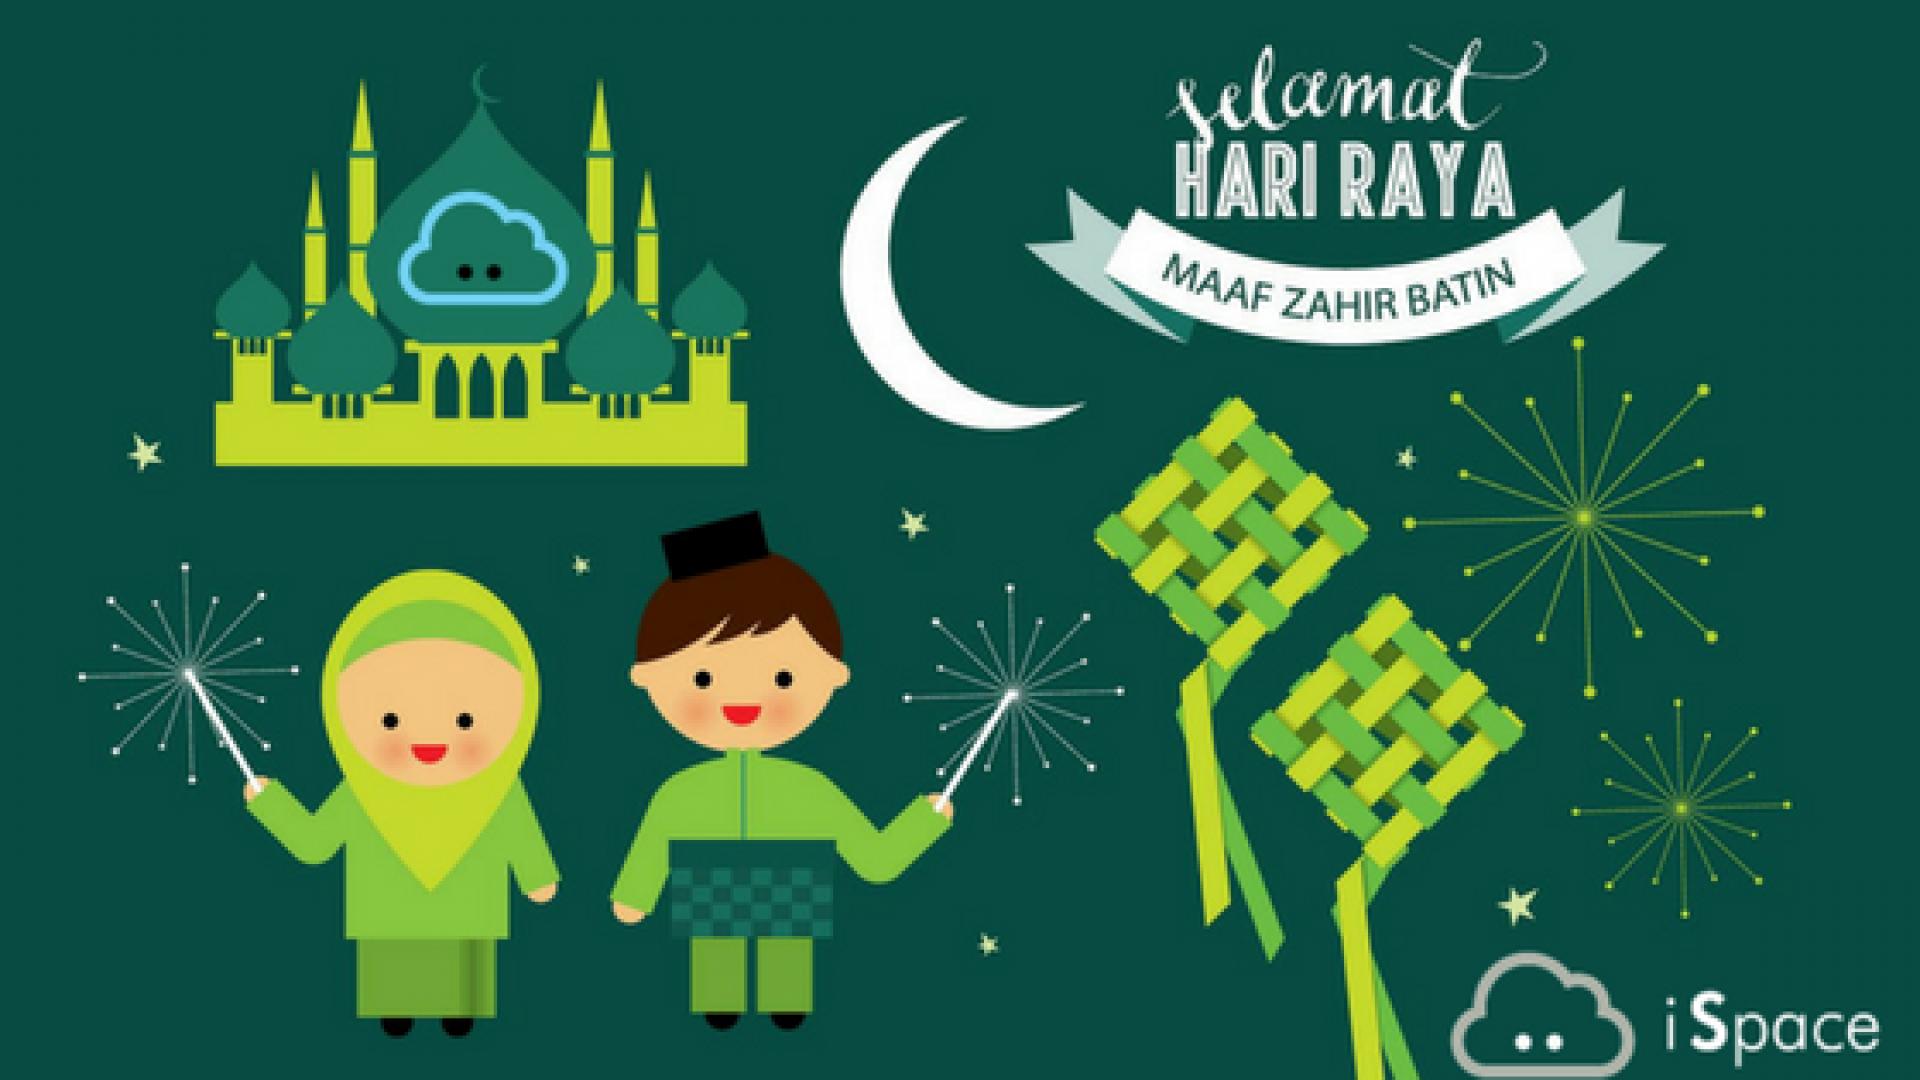 Bahan Untuk Poster Hari Ibu Download Pelbagai Bahan Untuk Guru Di Sini Sgo Web Pendidikan No 1 Di Malaysia Rujukan Guru Murid Dan Ibu Bapa Dapatkan Update Sgo Melalu Sekolah Guru Ramadan